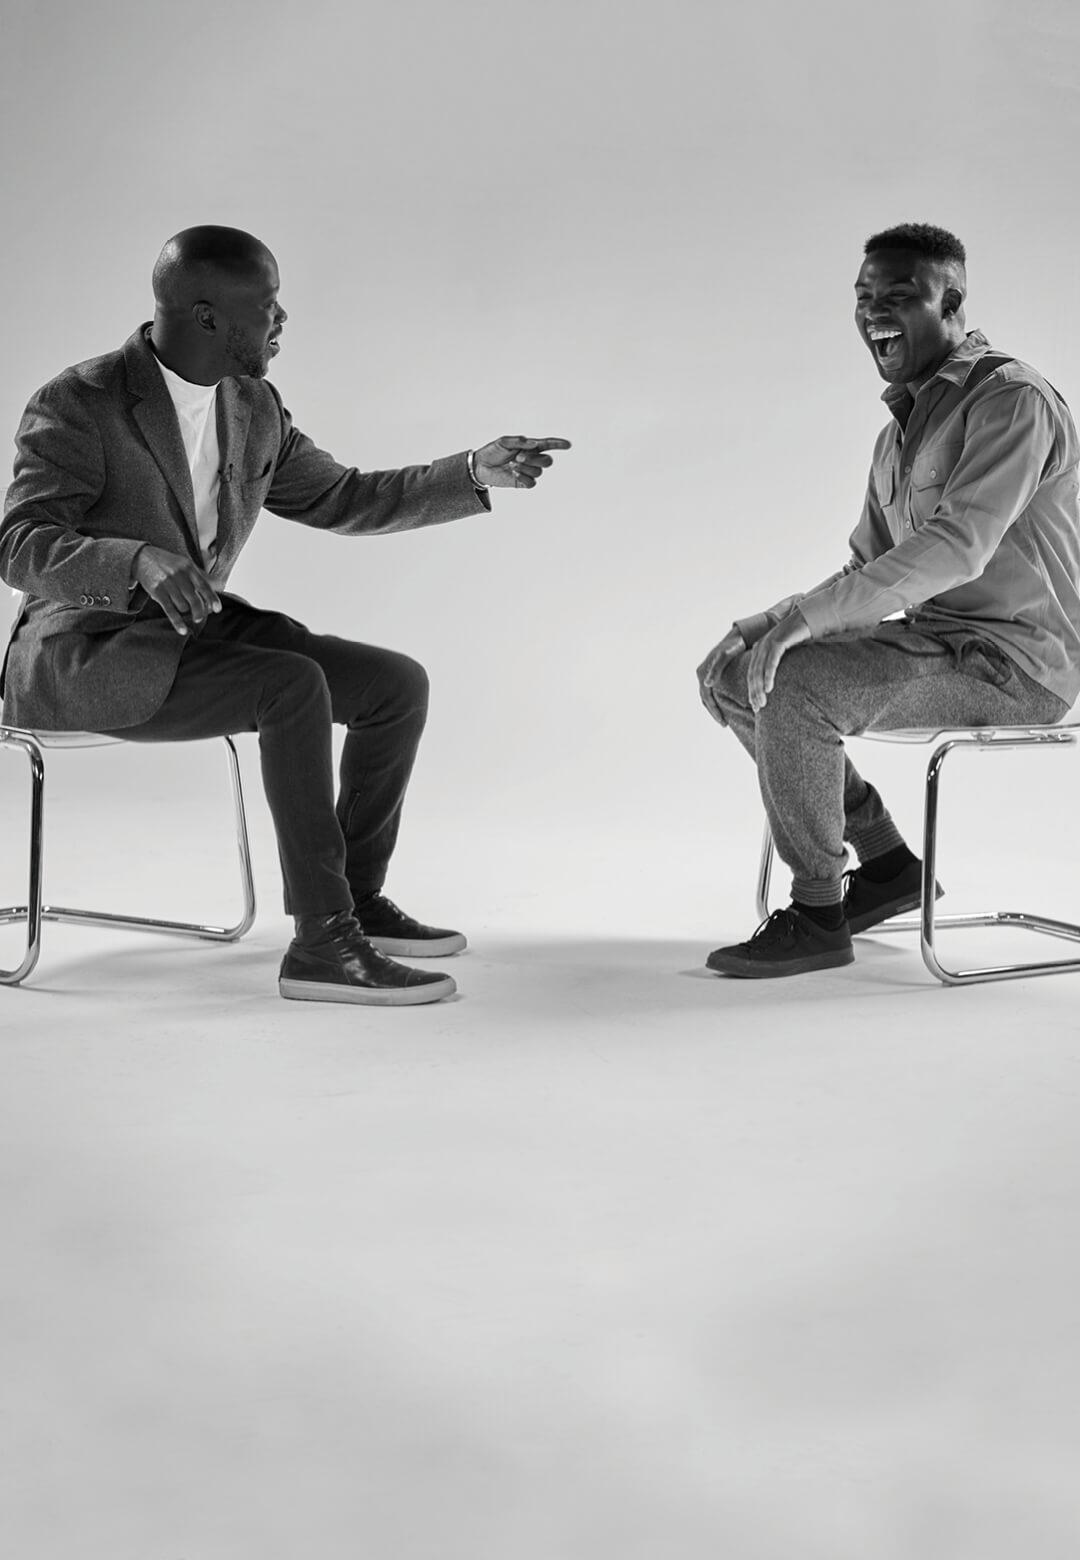 David Adjaye and Adam Pendleton in conversation | Untitled (We are not) | David Adjaye & Adam Pendleton | STIRworld